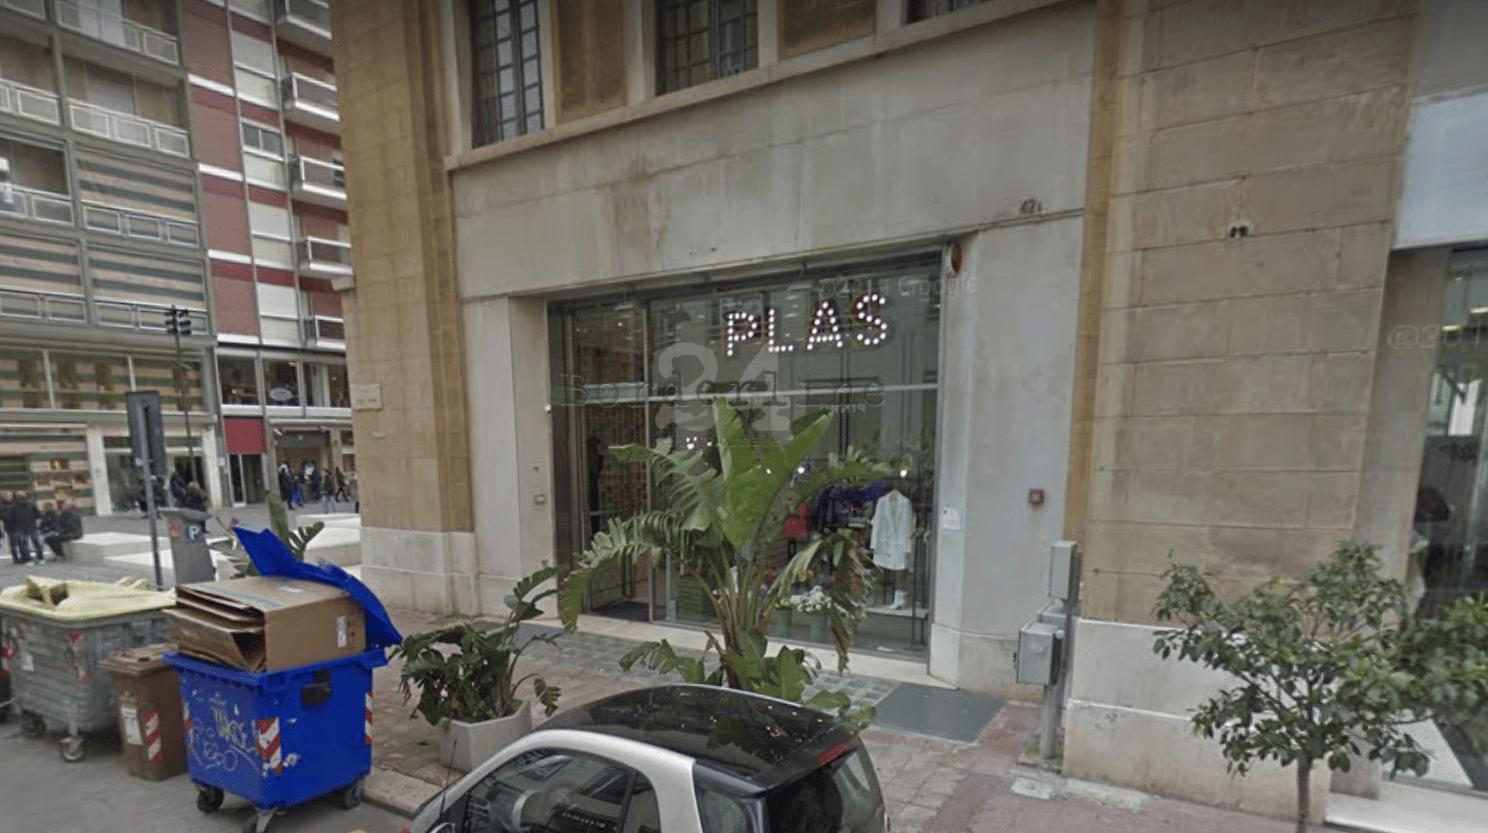 """Coronavirus a Bari, dipendente di """"Plas"""" positivo dopo un breve viaggio in Lombardia, l'azienda decide di chiudere tutte le cinque boutique in Puglia"""